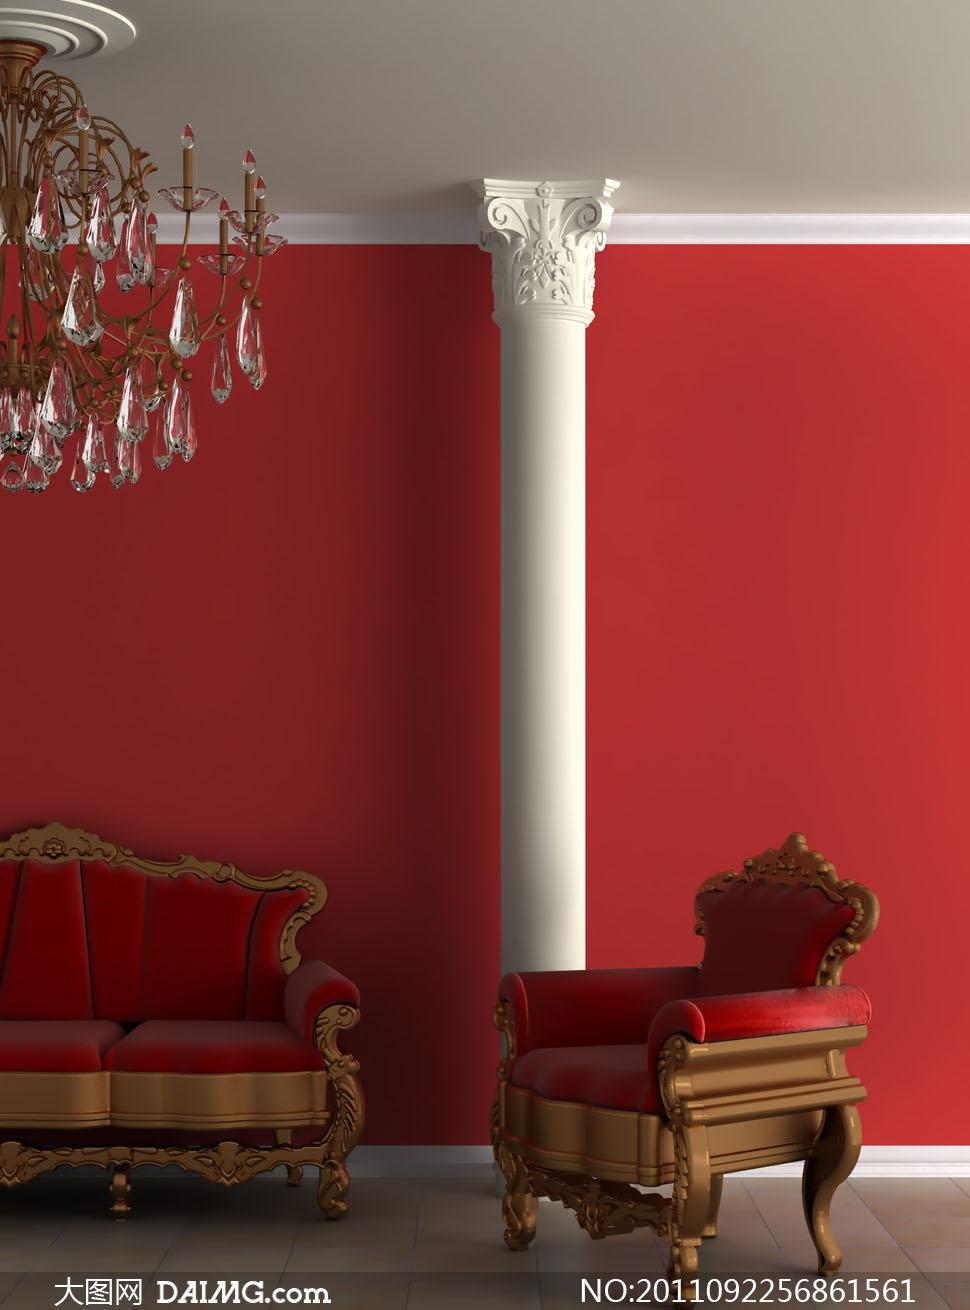 欧式室内沙发吸顶灯装饰高清摄影图片